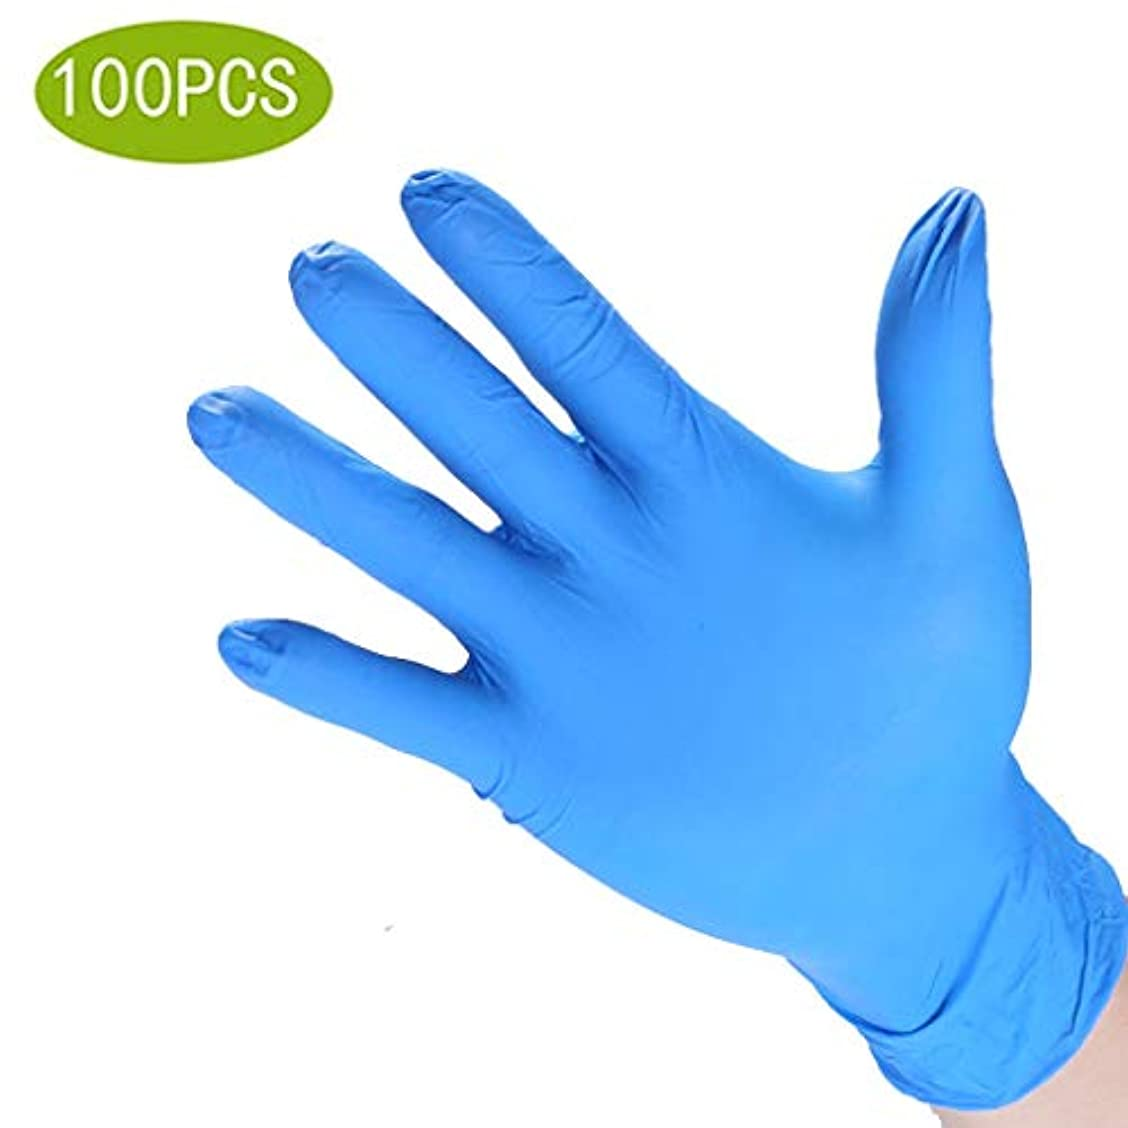 悲劇トリクル後9インチ食品ケータリング使い捨て手袋軽量パウダーフリーラテックスフリーライト作業クリーニング園芸医療グレード入れ墨医療試験手袋100倍 (Color : Blue, Size : XS)